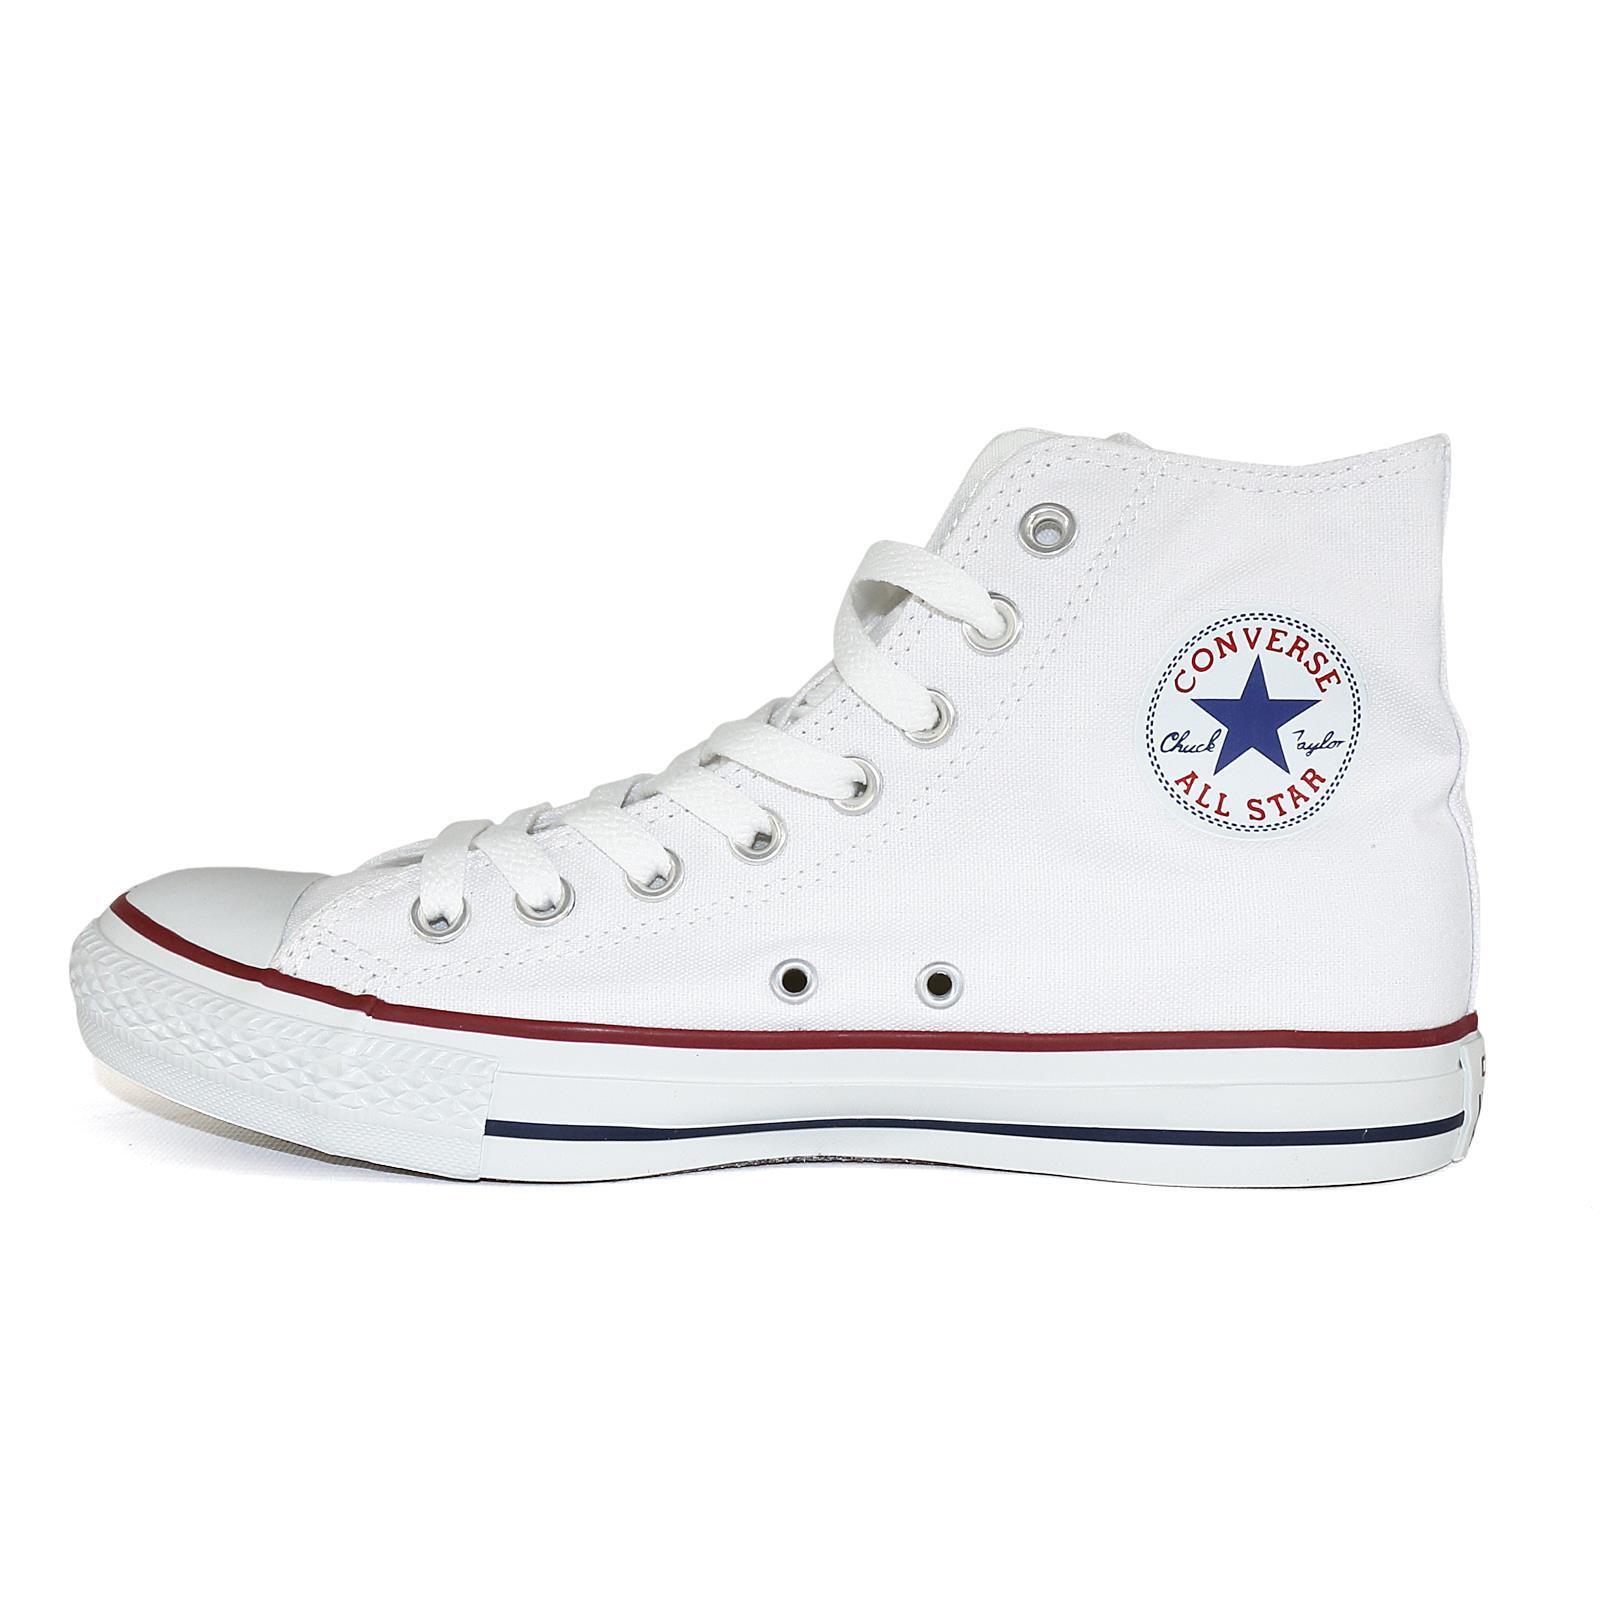 Converse All Star HI Chucks Scarpe da Ginnastica Unisex Scarpe Bianche 50667